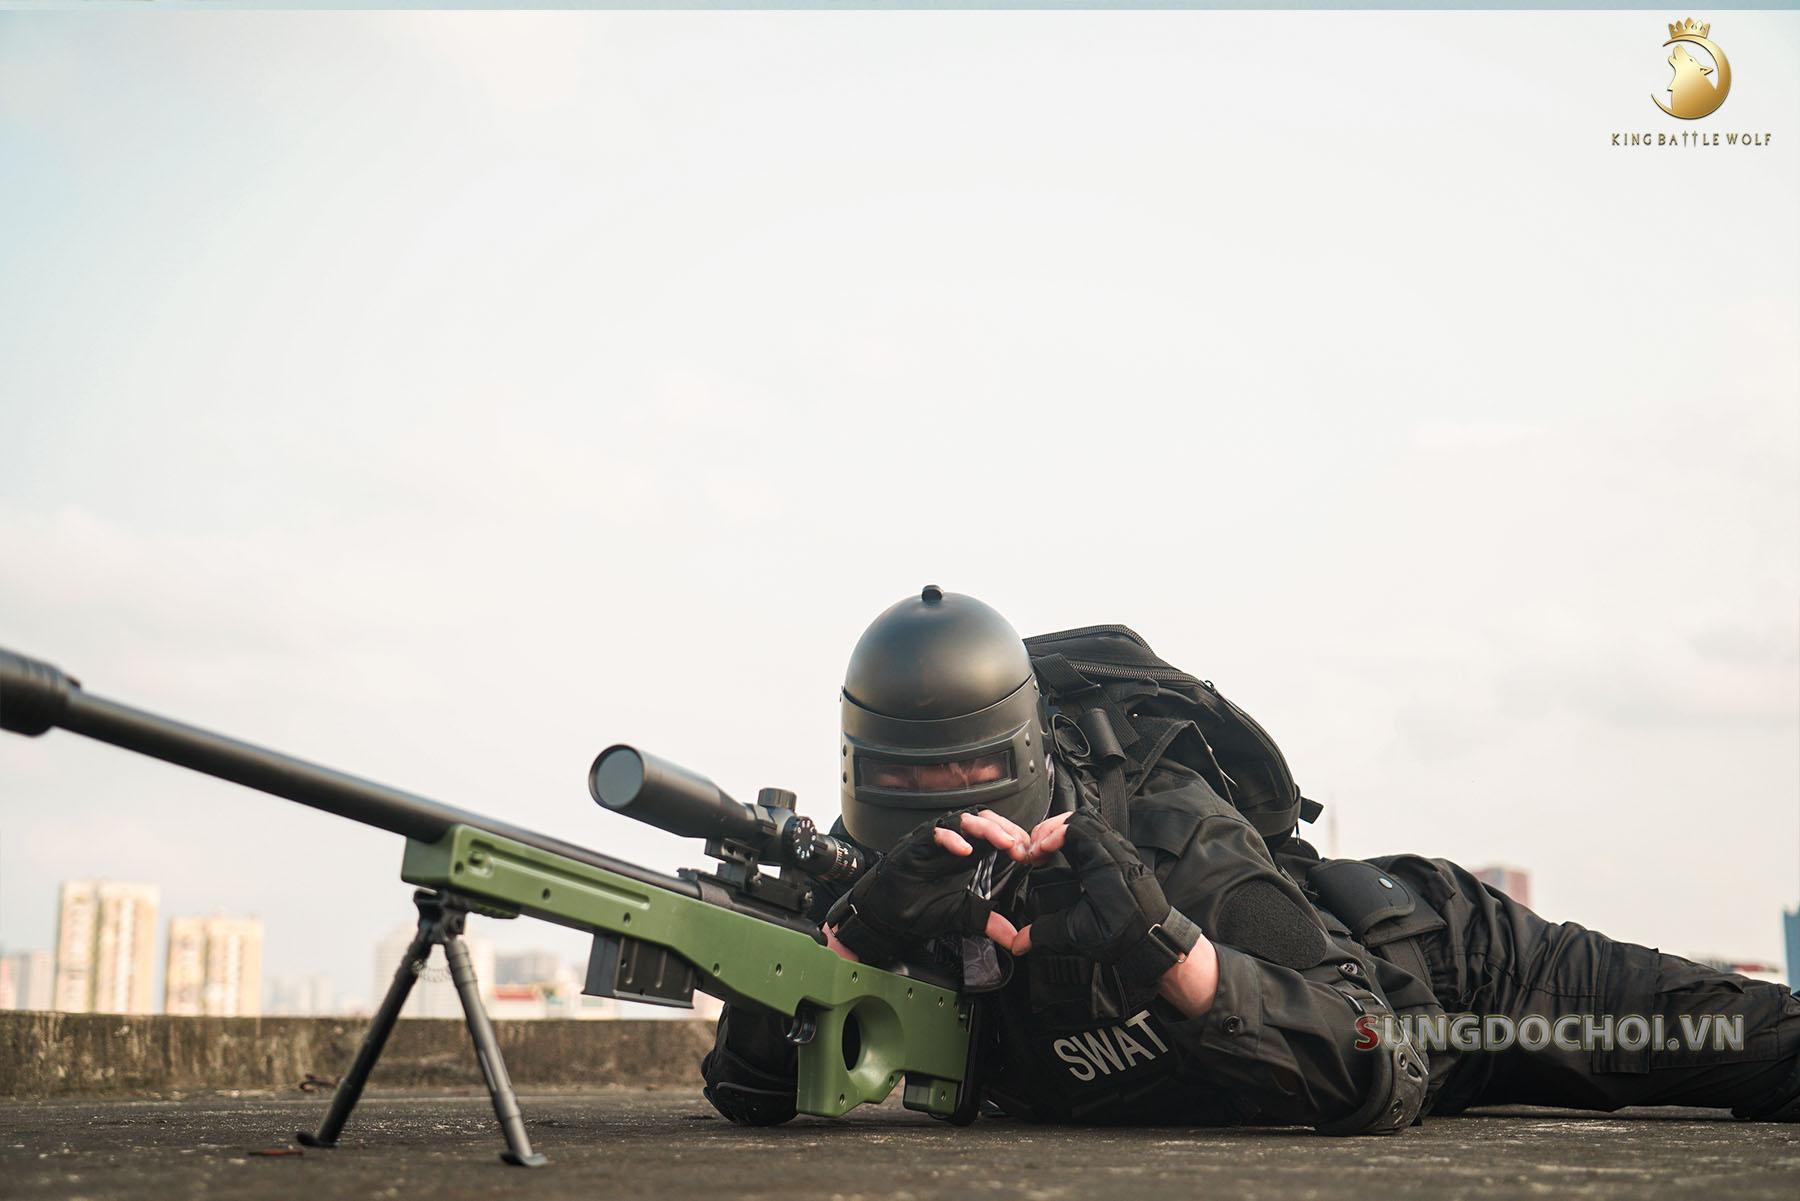 Súng đồ chơi AWM đạn thạch 140cm siêu to khổng lồ số 8